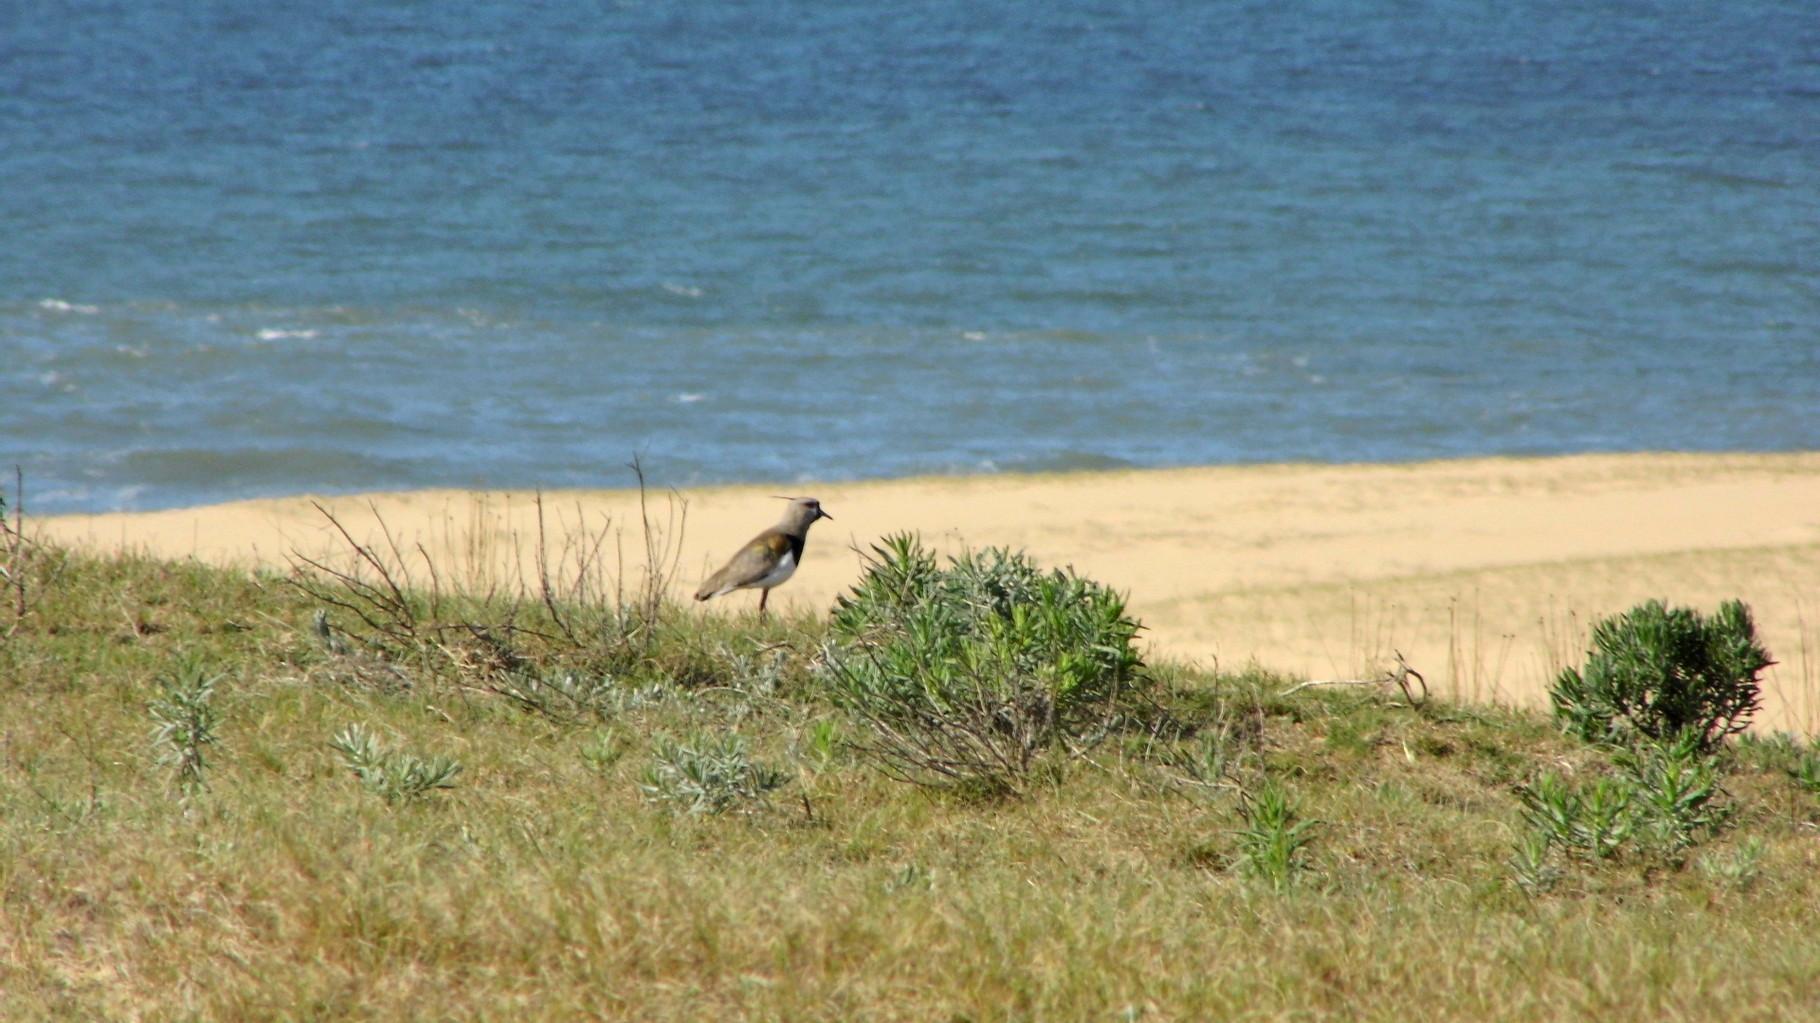 Cet oiseau est emblématique de l'Uruguay et de la partie Entre Rios de l'Argentine. Il a donné son nom à l'équipe de Rugby Uruguayenne : Los TEROS